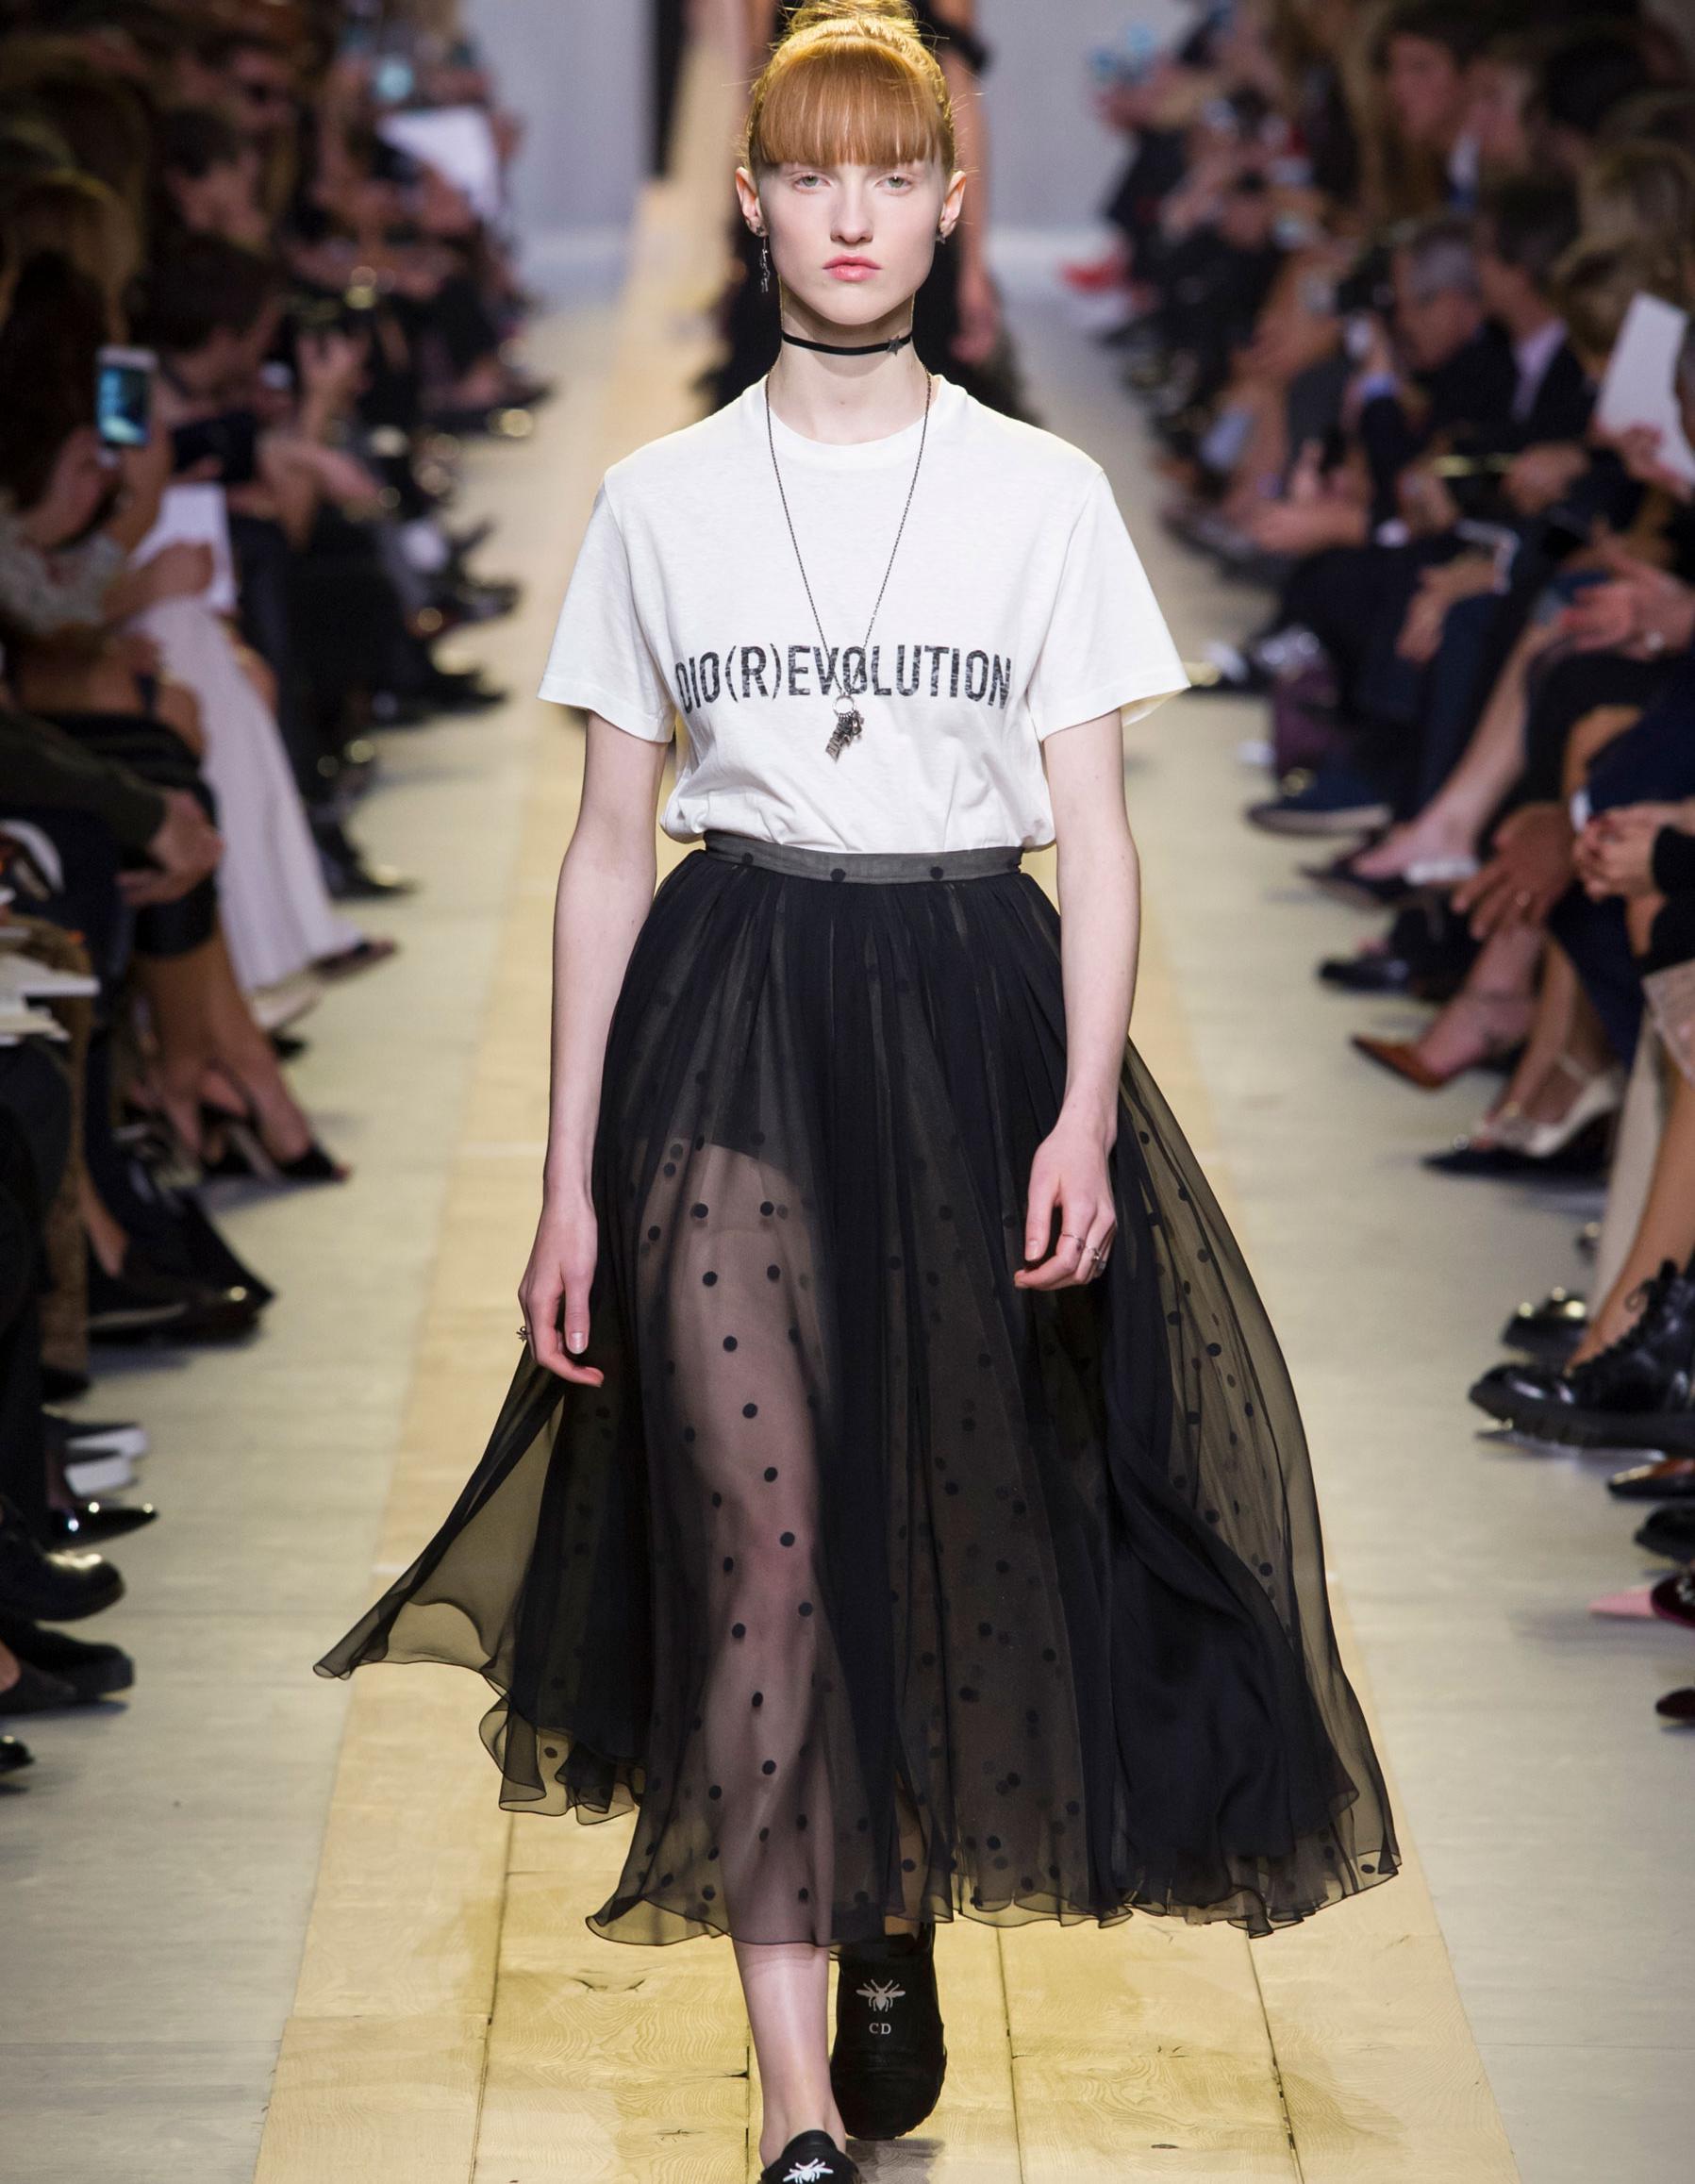 fef3eb7c616 Défilé Christian Dior Prêt à porter printemps-été 2017 - Paris - Elle